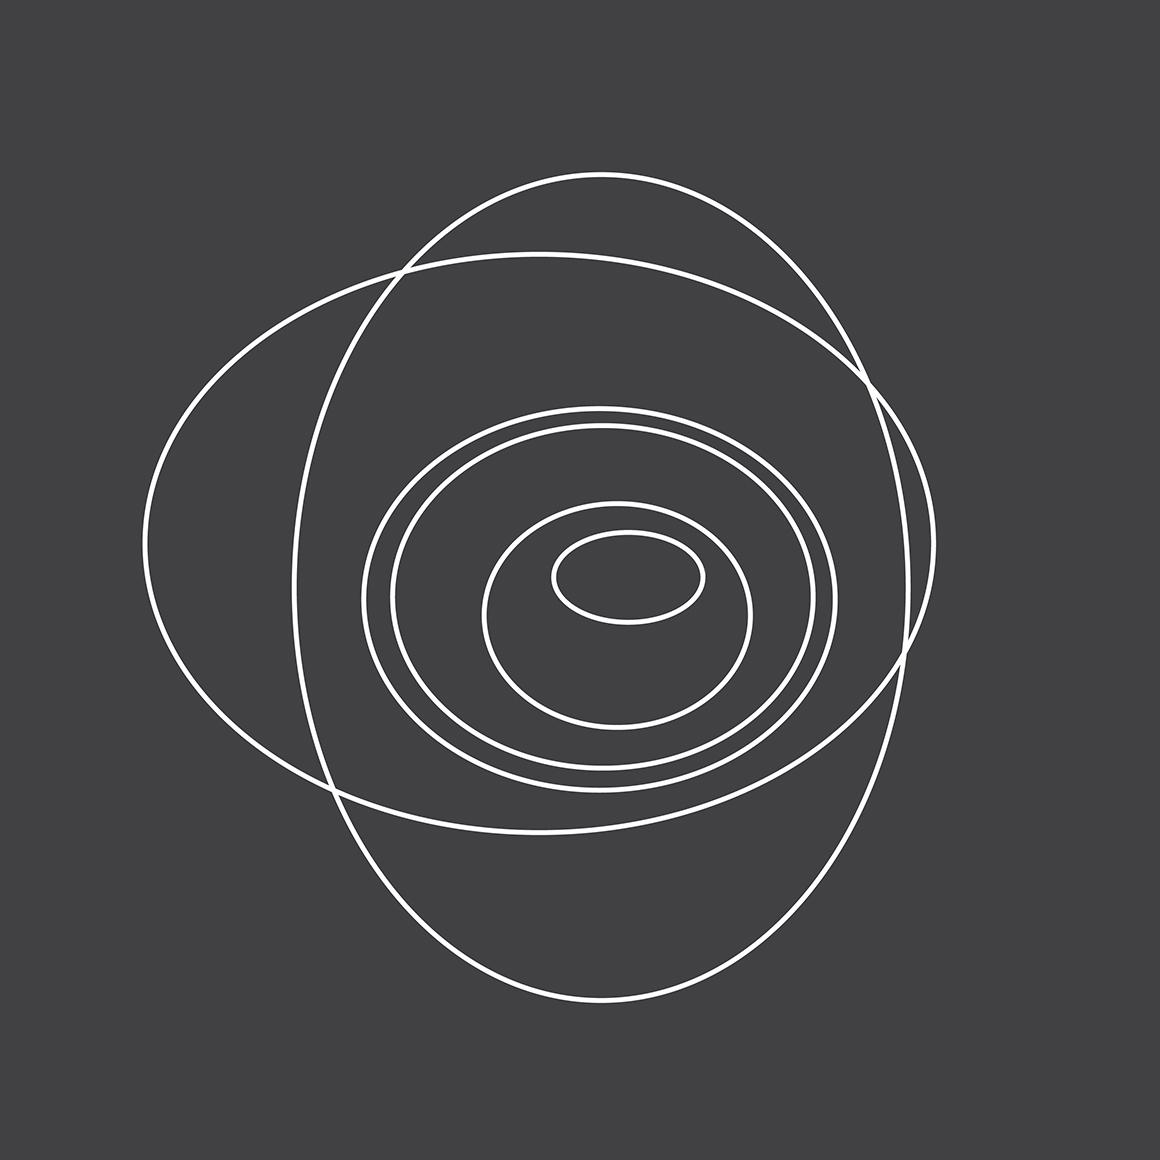 Ibghy_Lemmens - Diagrams - Mise-en-abime